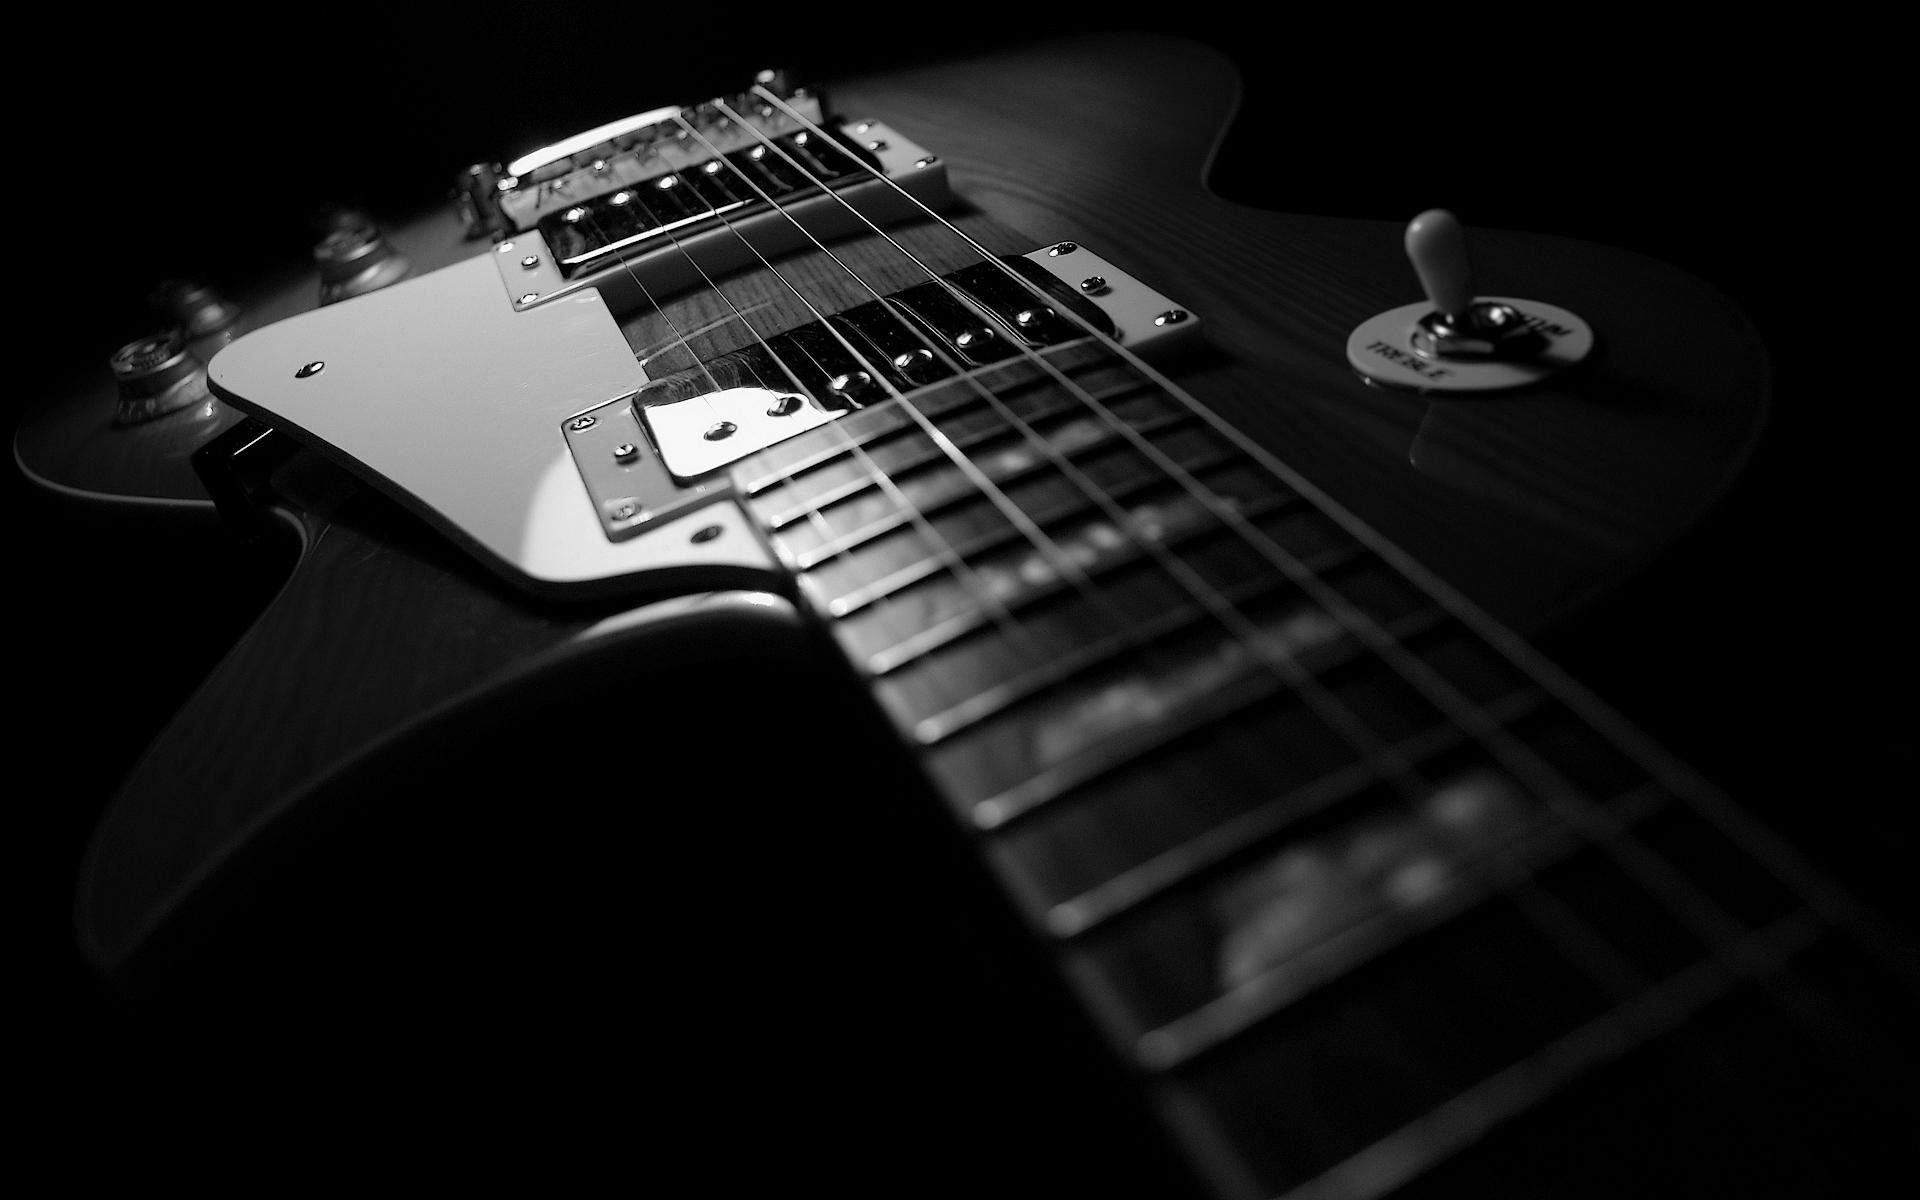 Les Paul Electric Guitar Wallpapers Pack Download